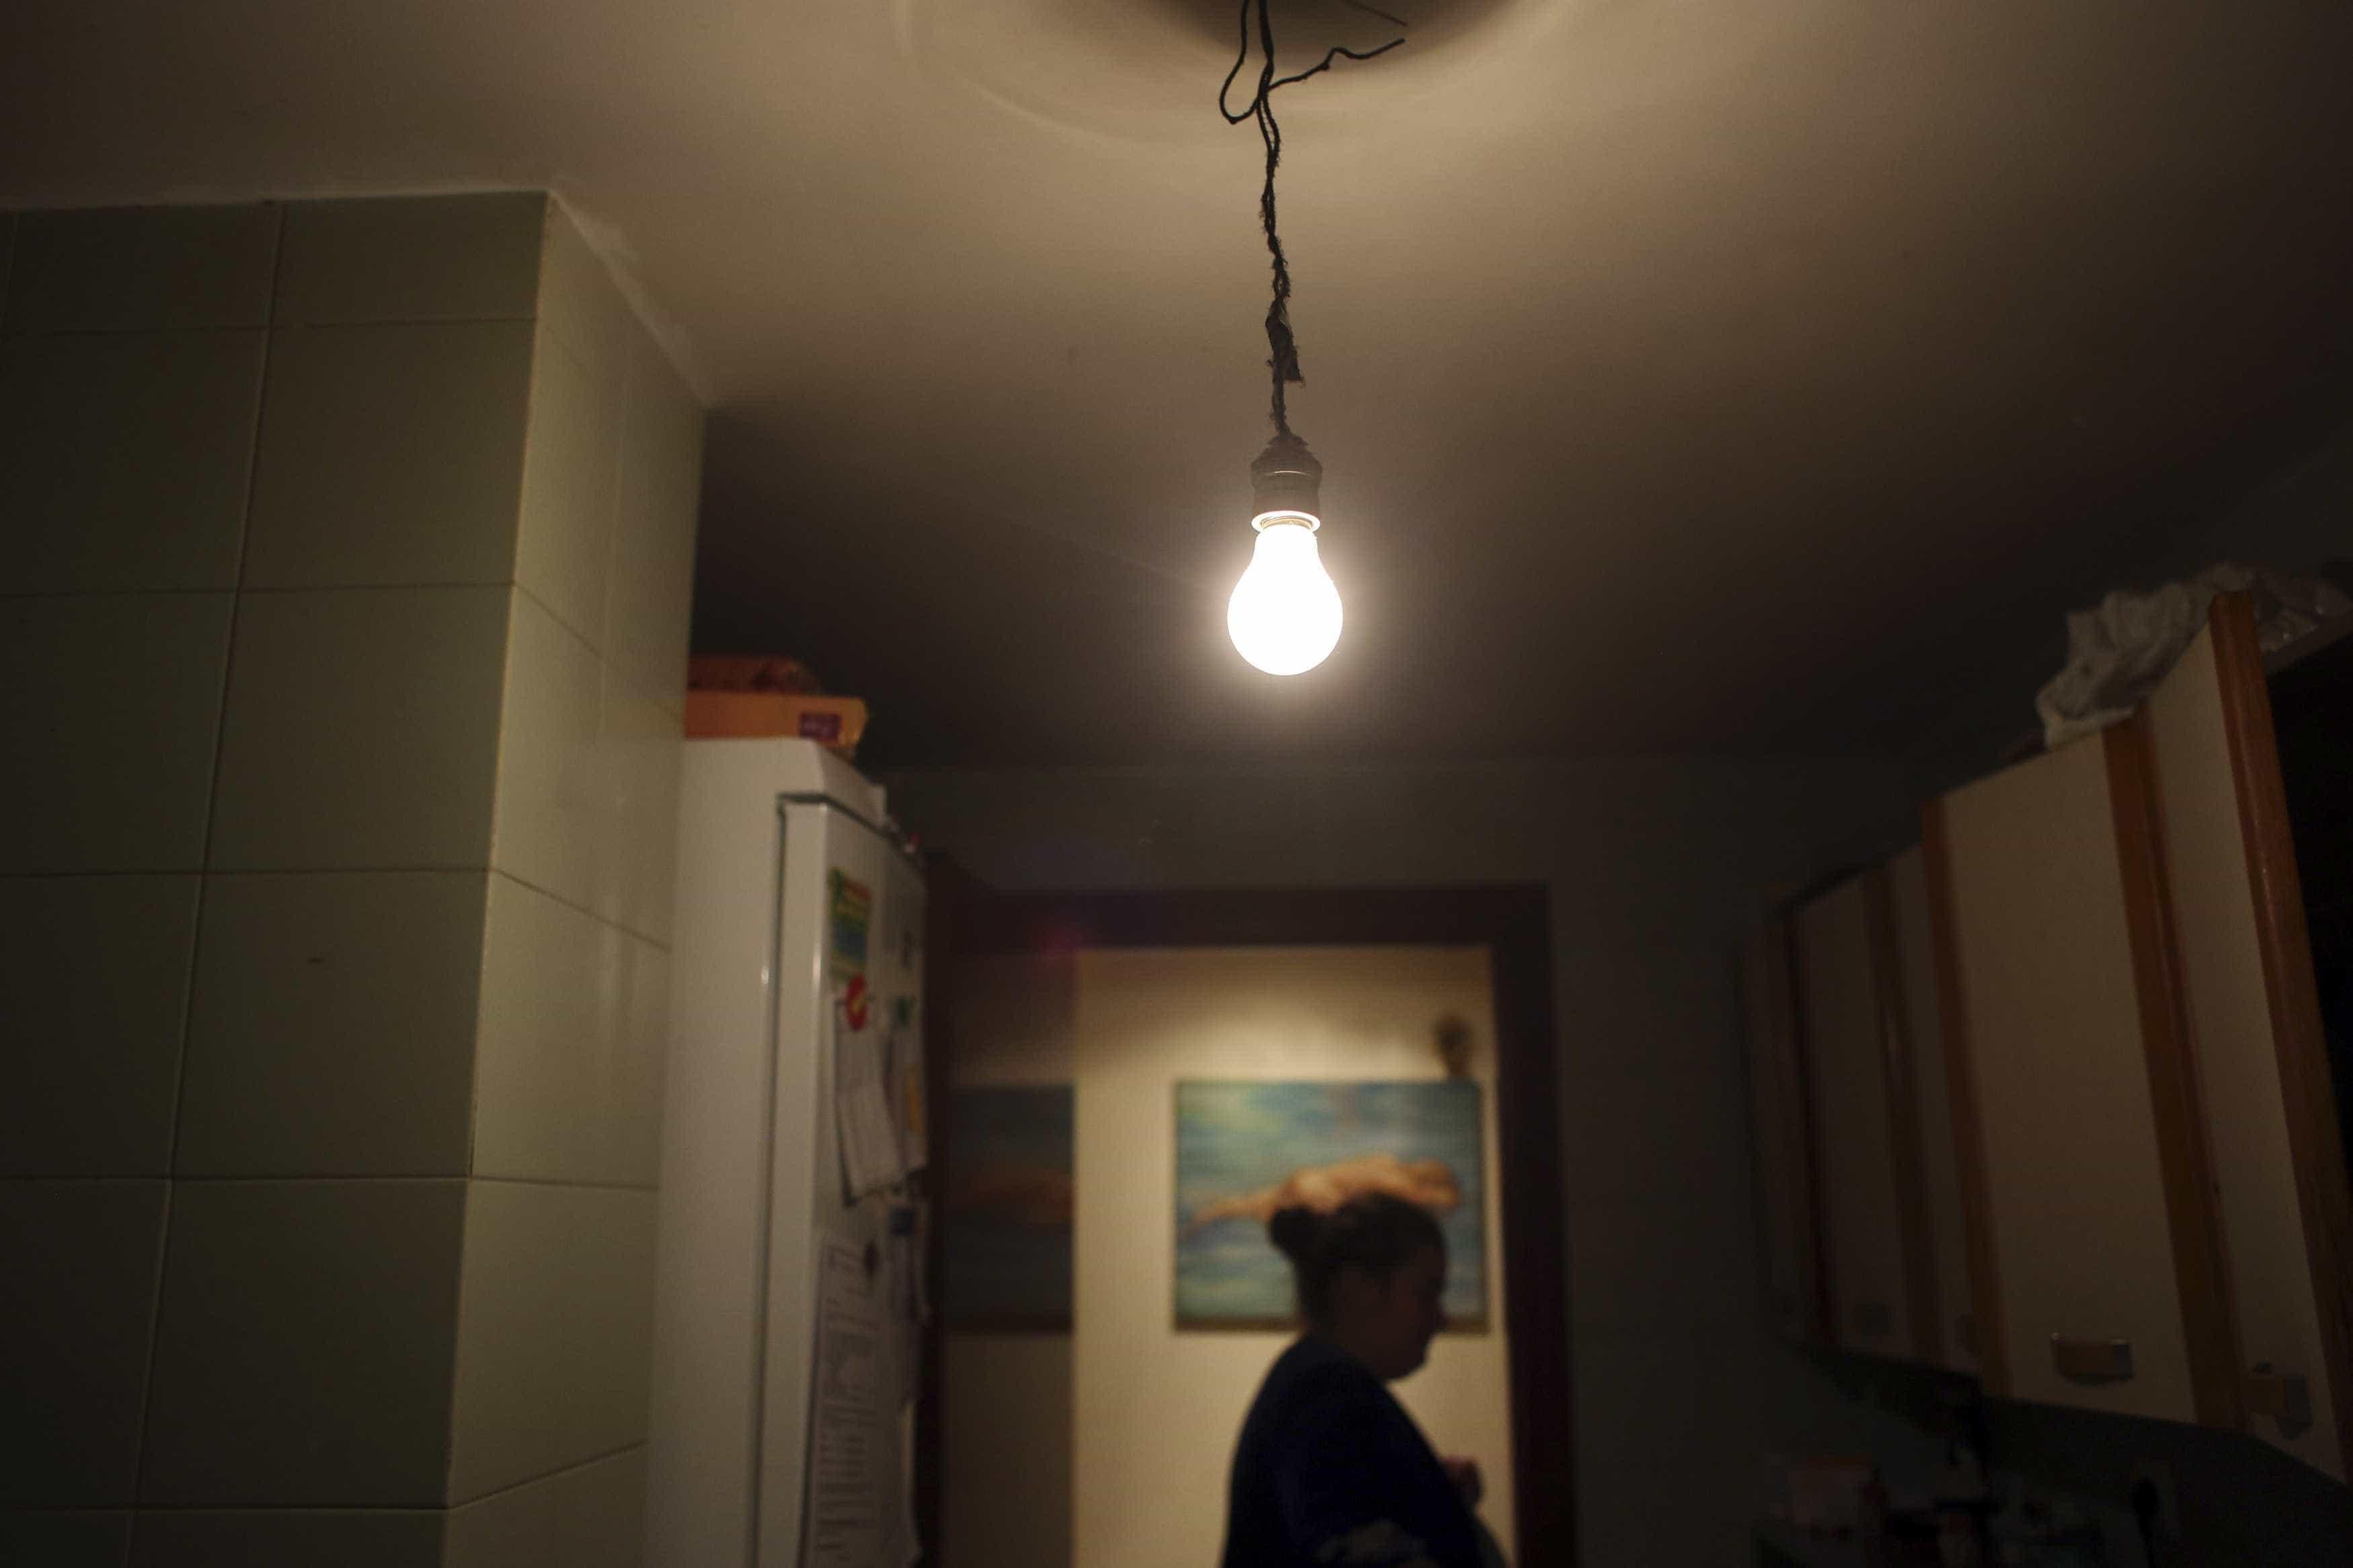 Governo estima redução de 3,5% na fatura da luz em 2019